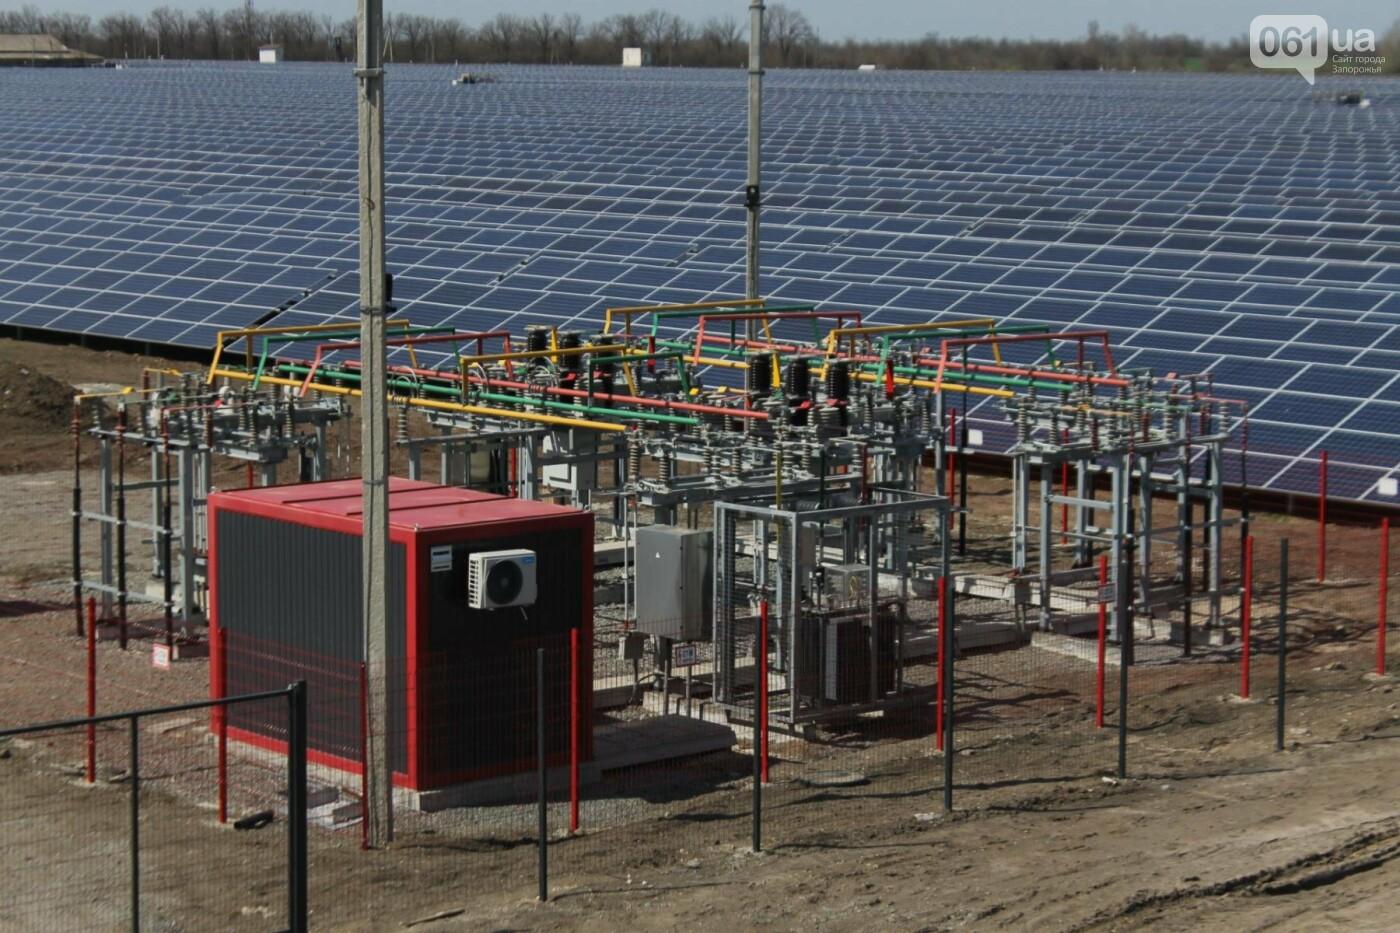 В запорожской громаде на месте свалки построили солнечную электростанцию: как она выглядит, – ФОТОРЕПОРТАЖ, фото-11